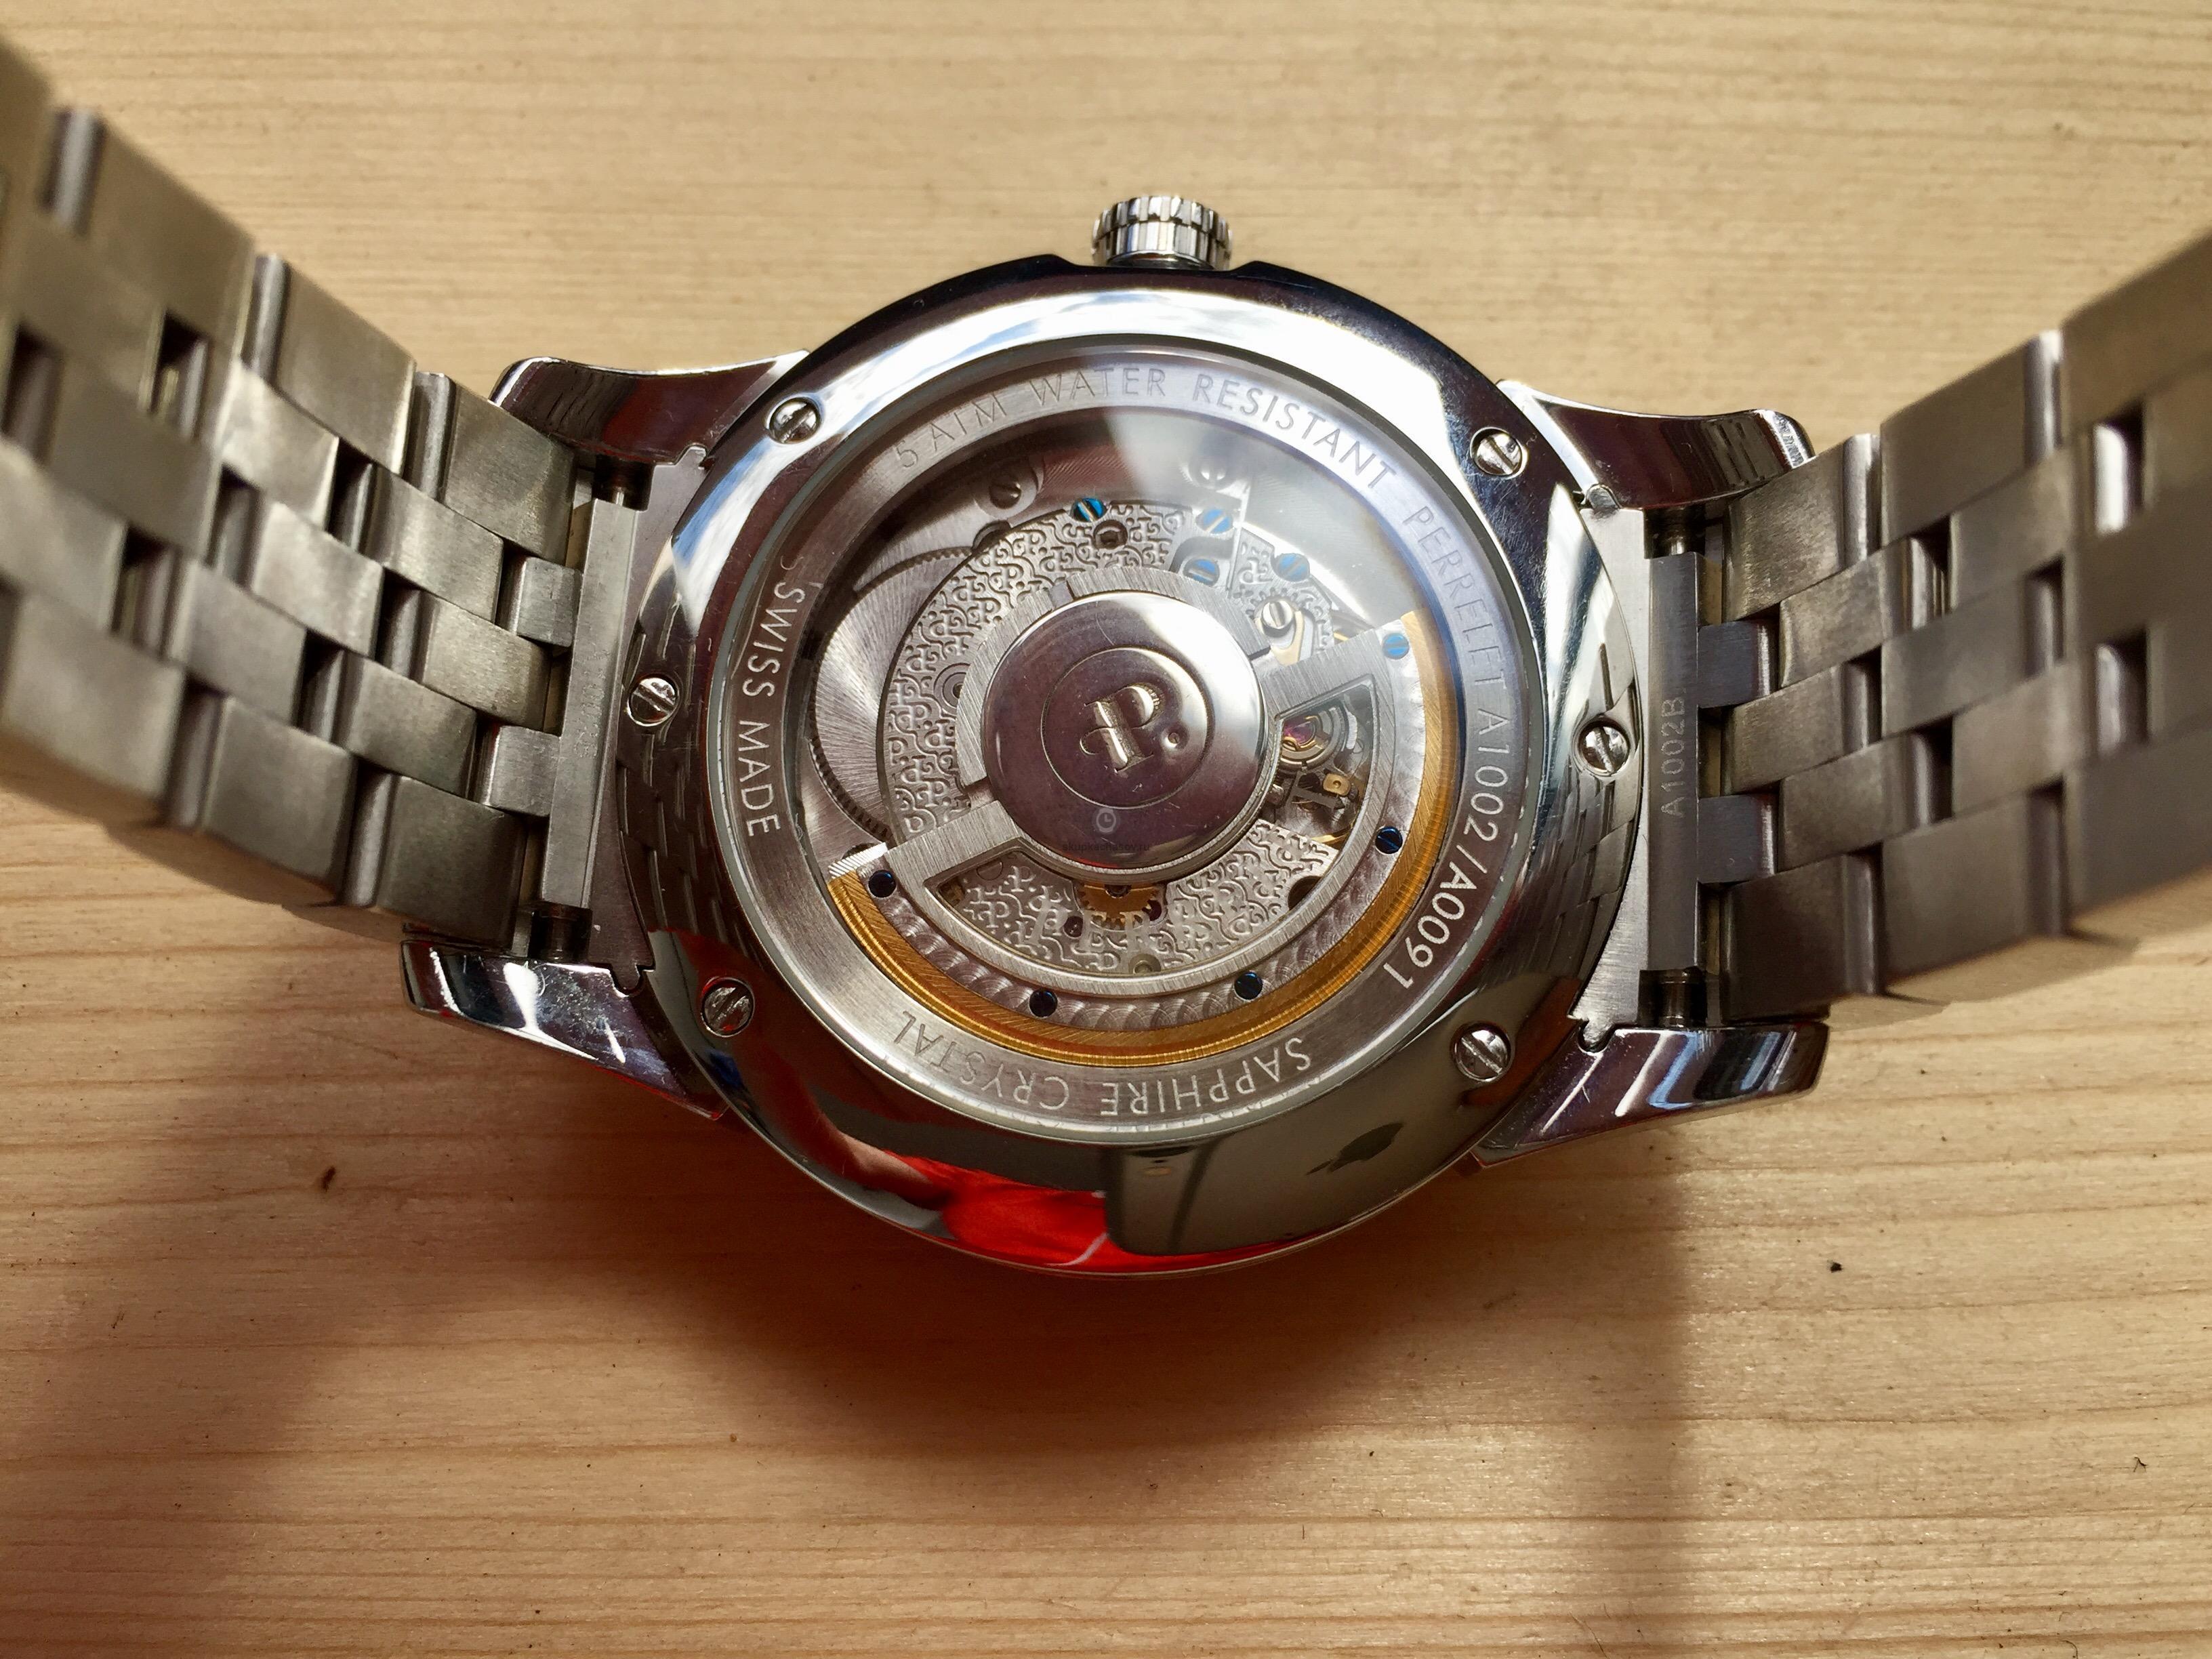 Купить наручные часы Perrelet Big Date в Часовой ломбард